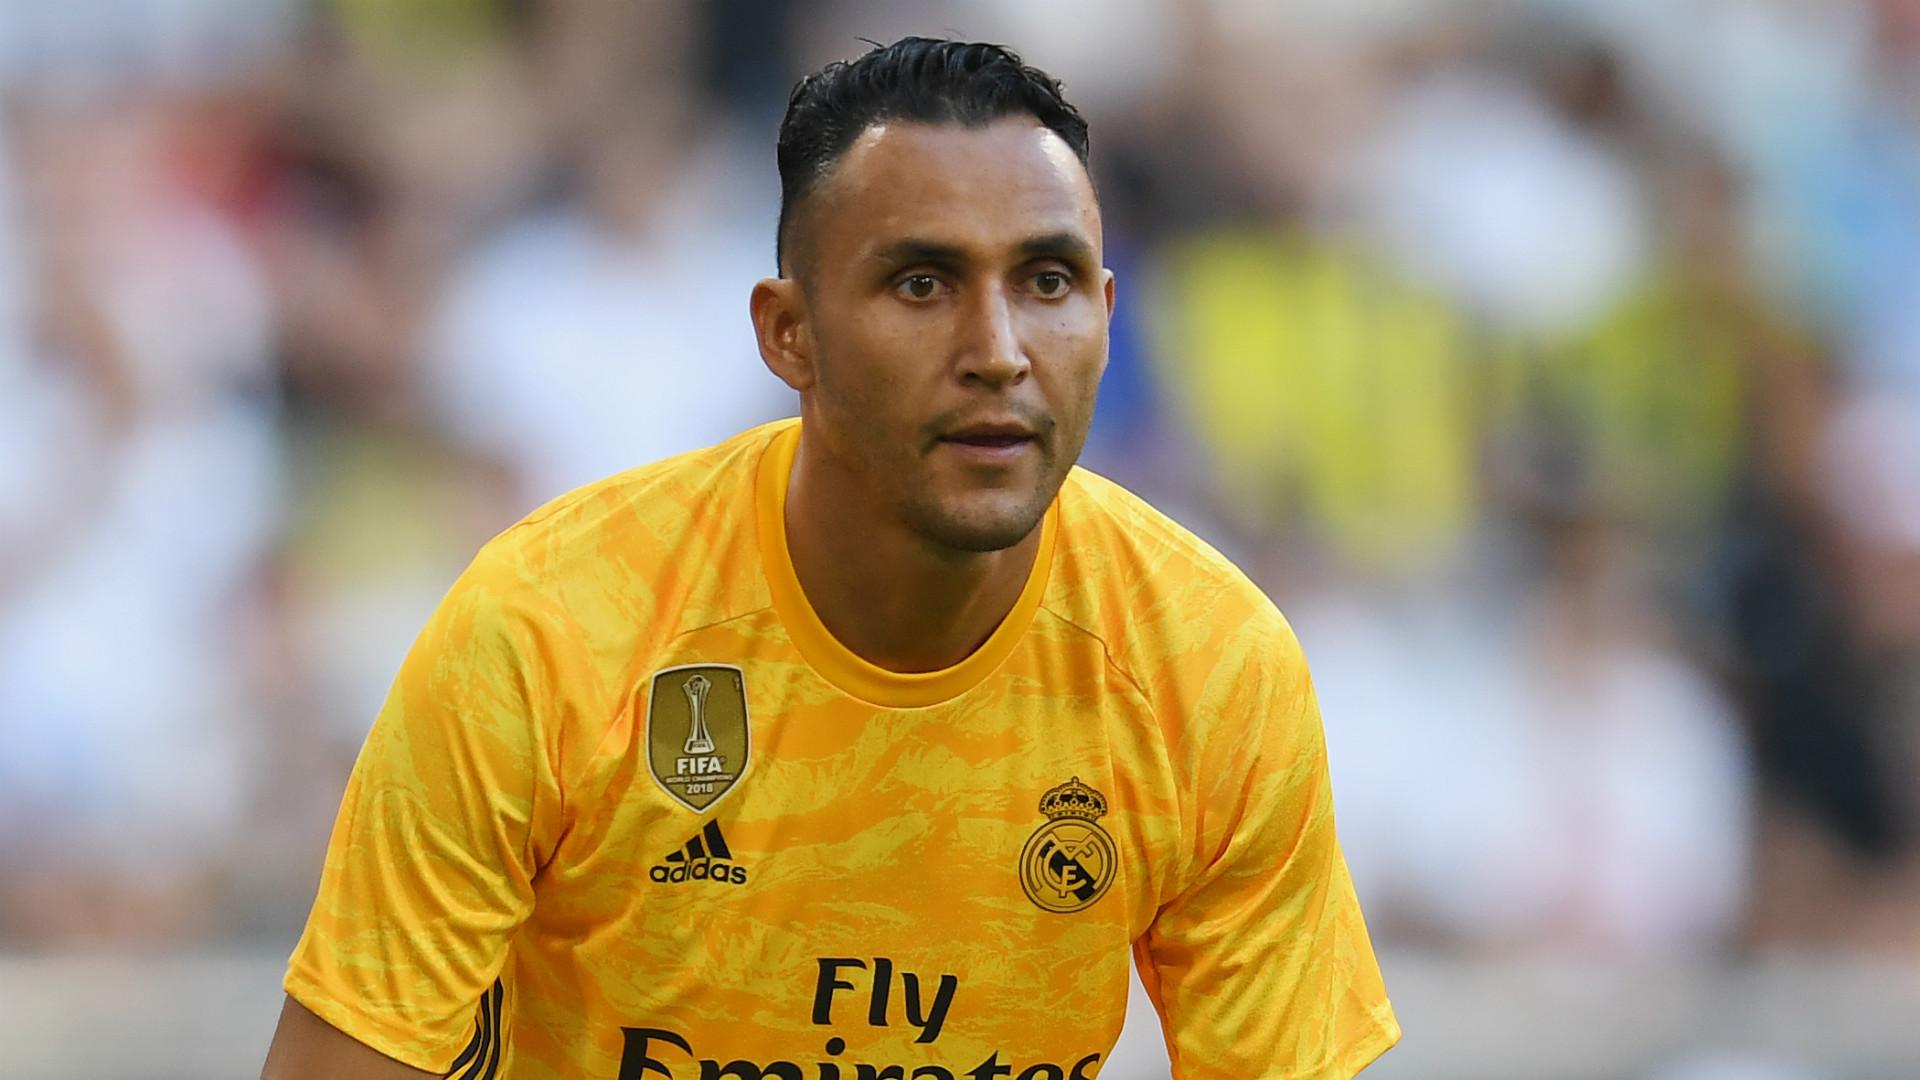 Mercato - Officiel : Keylor Navas quitte le Real Madrid et rejoint le PSG !